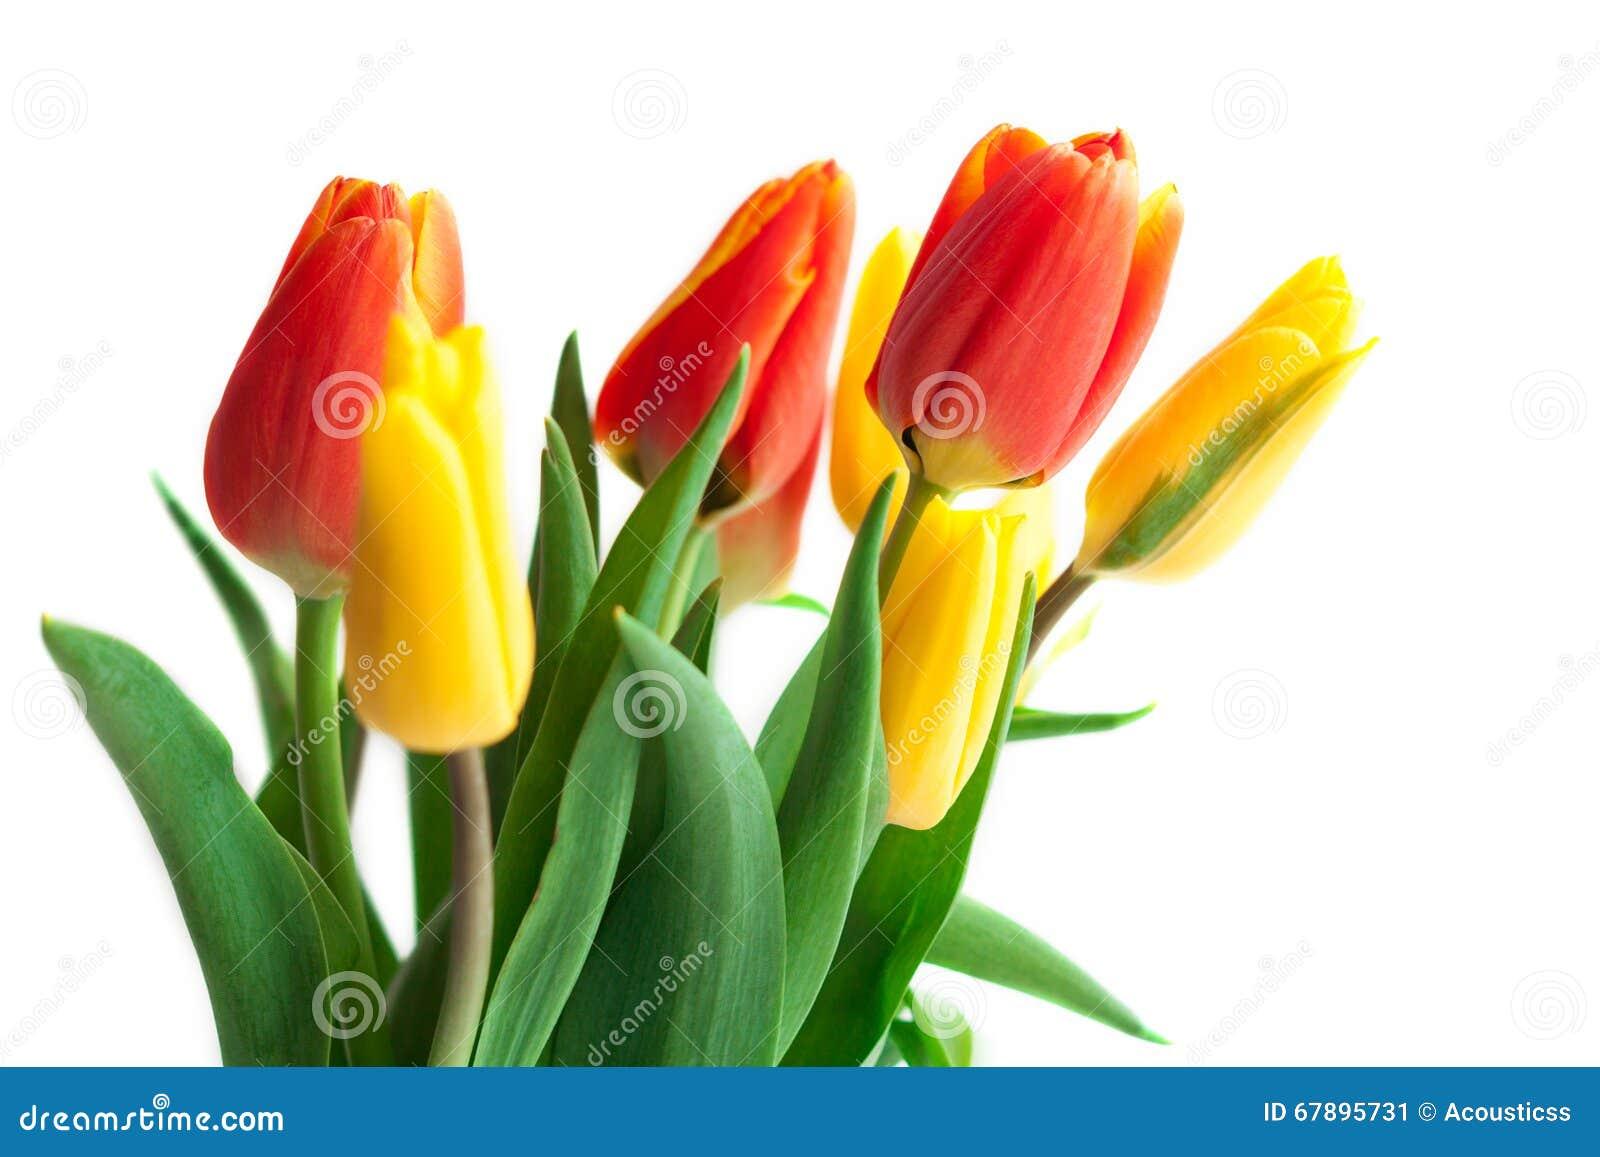 春天在白色的郁金香花 郁金香束 花卉边界Des